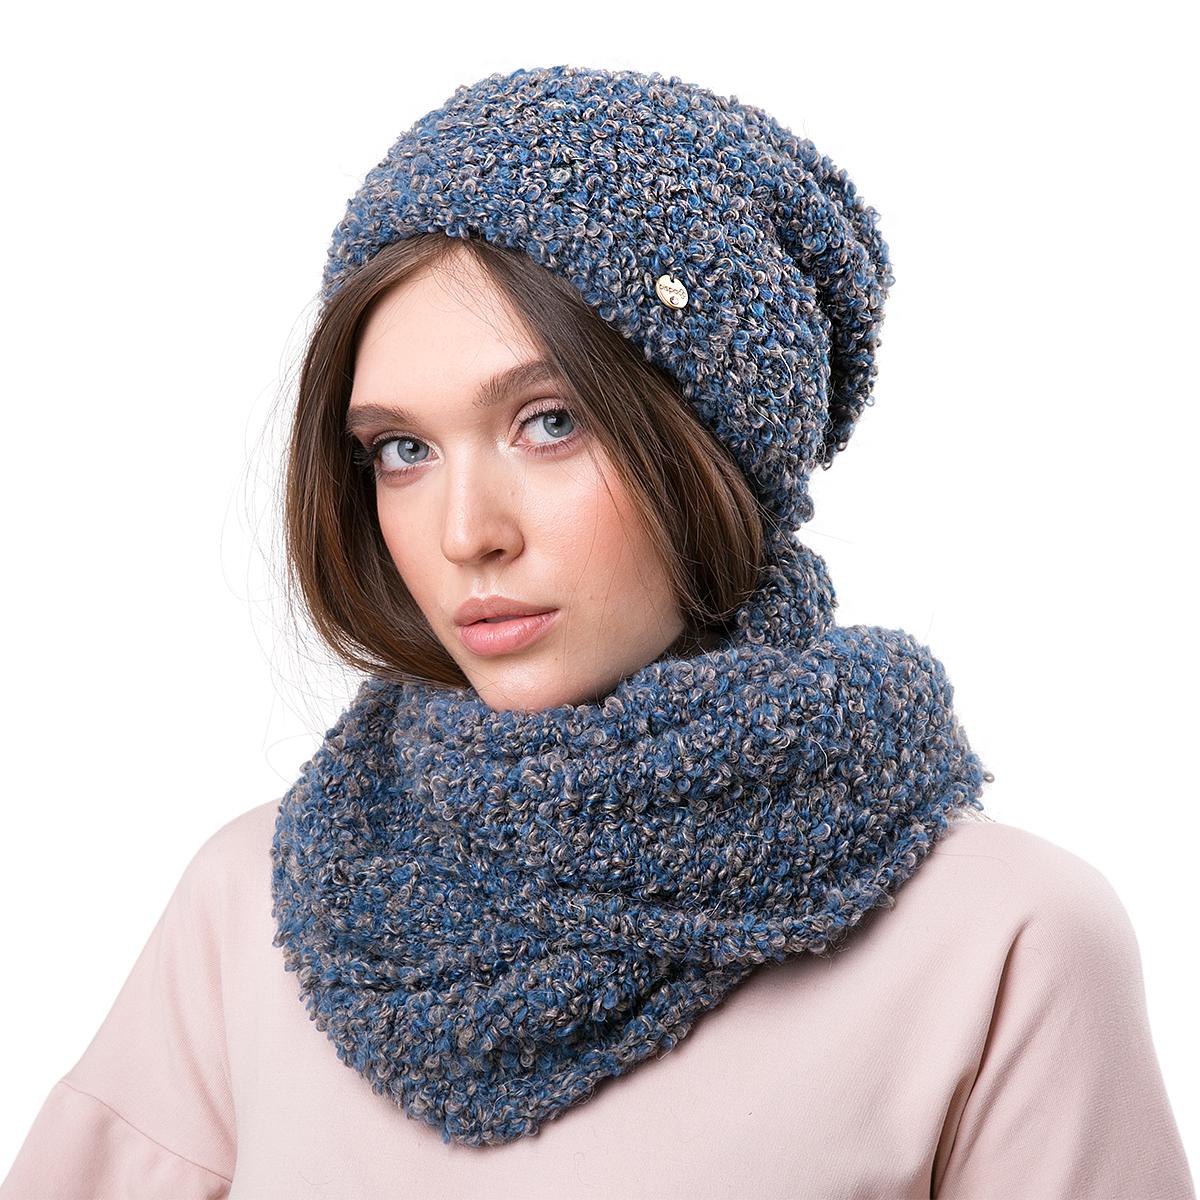 Шапка женская Dispacci, цвет: синий, бежевый. 21210SO. Размер 56/5821210SOСтильная женская шапка-колпак Dispacci, изготовлена из мягкой итальянской пряжи смешанного состава, обладает хорошими дышащими свойствами и хорошо удерживает тепло. Пряжа с эффектом мулине. Очень эффектная вязка. Шапка-колпак средней длины, что позволяет носить ее заложив назад, либо оставить стоять (так называемая шапка лопата). Внутренняя шапка из вспомогательной пряжи, имеет интересную вязку, поэтому гарантированно привлечет внимание окружающих. Даже металлический шильдик итальянского бренда Dispacci малозаметен на фоне этого роскошного головного убора.